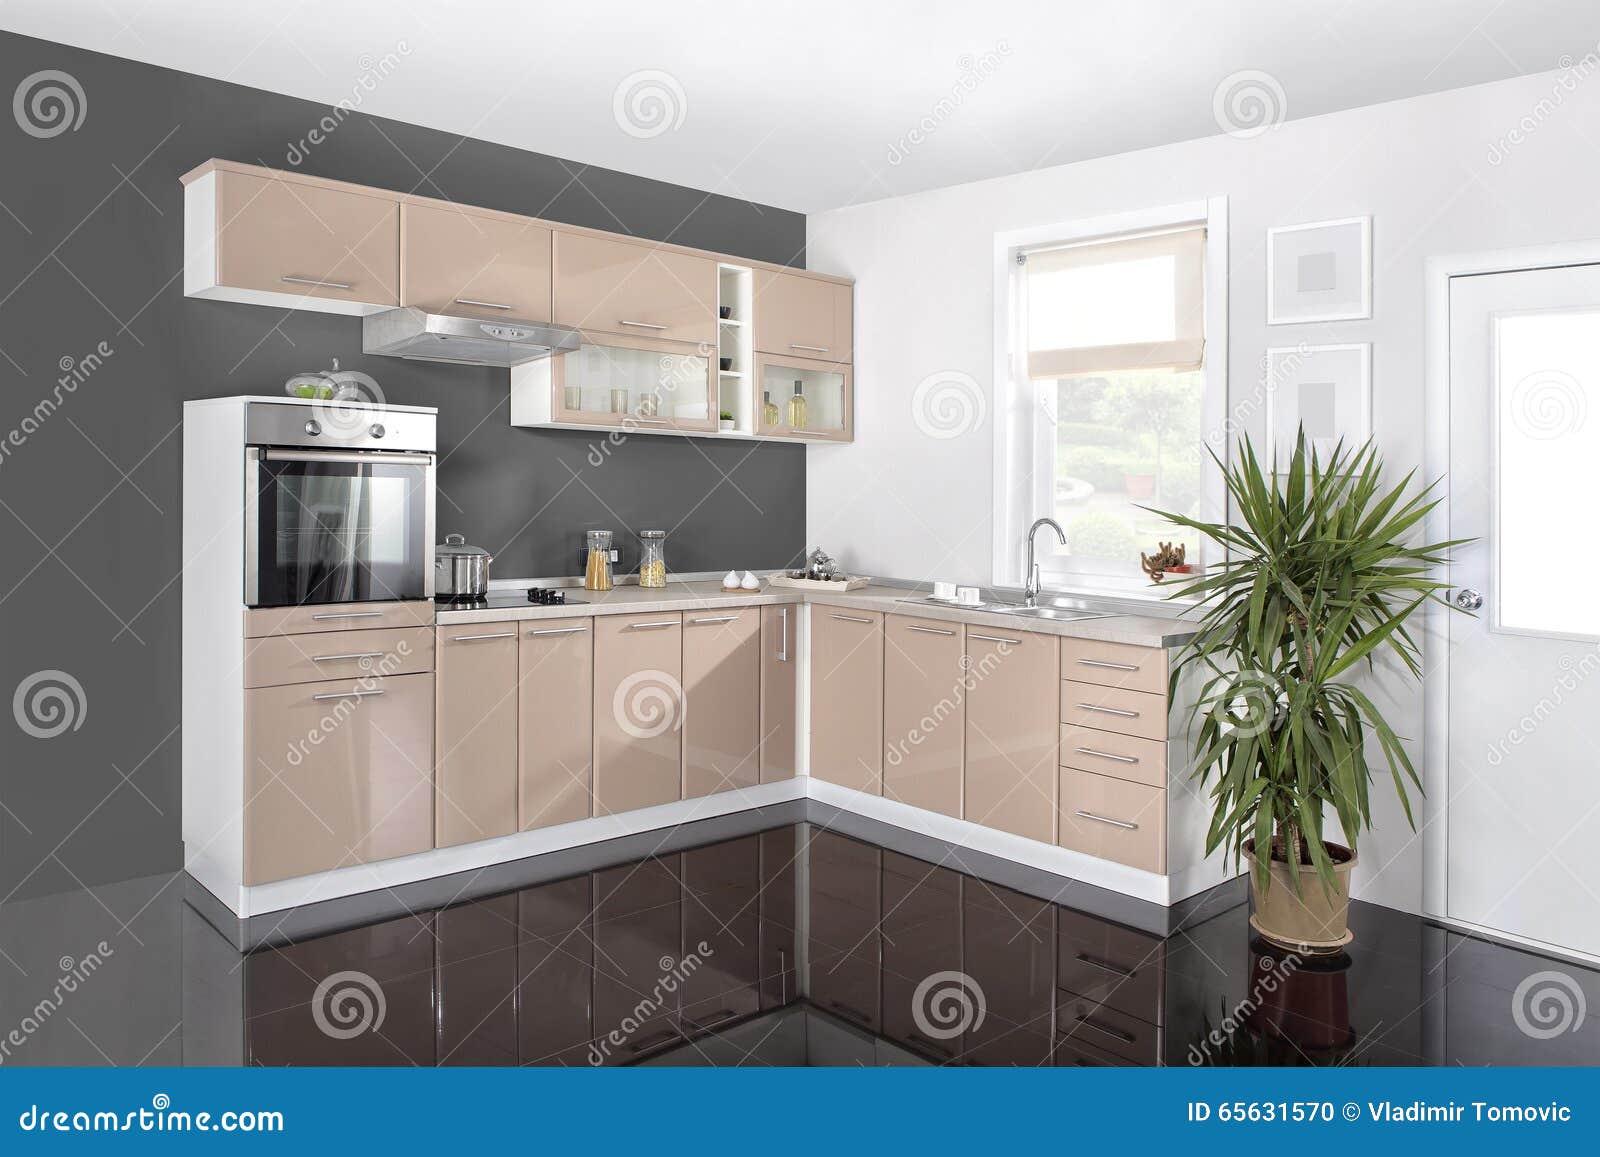 Binnenland van een moderne keuken houten meubilair eenvoudig en schoon stock foto afbeelding - Meubilair outdoor houten keuken ...